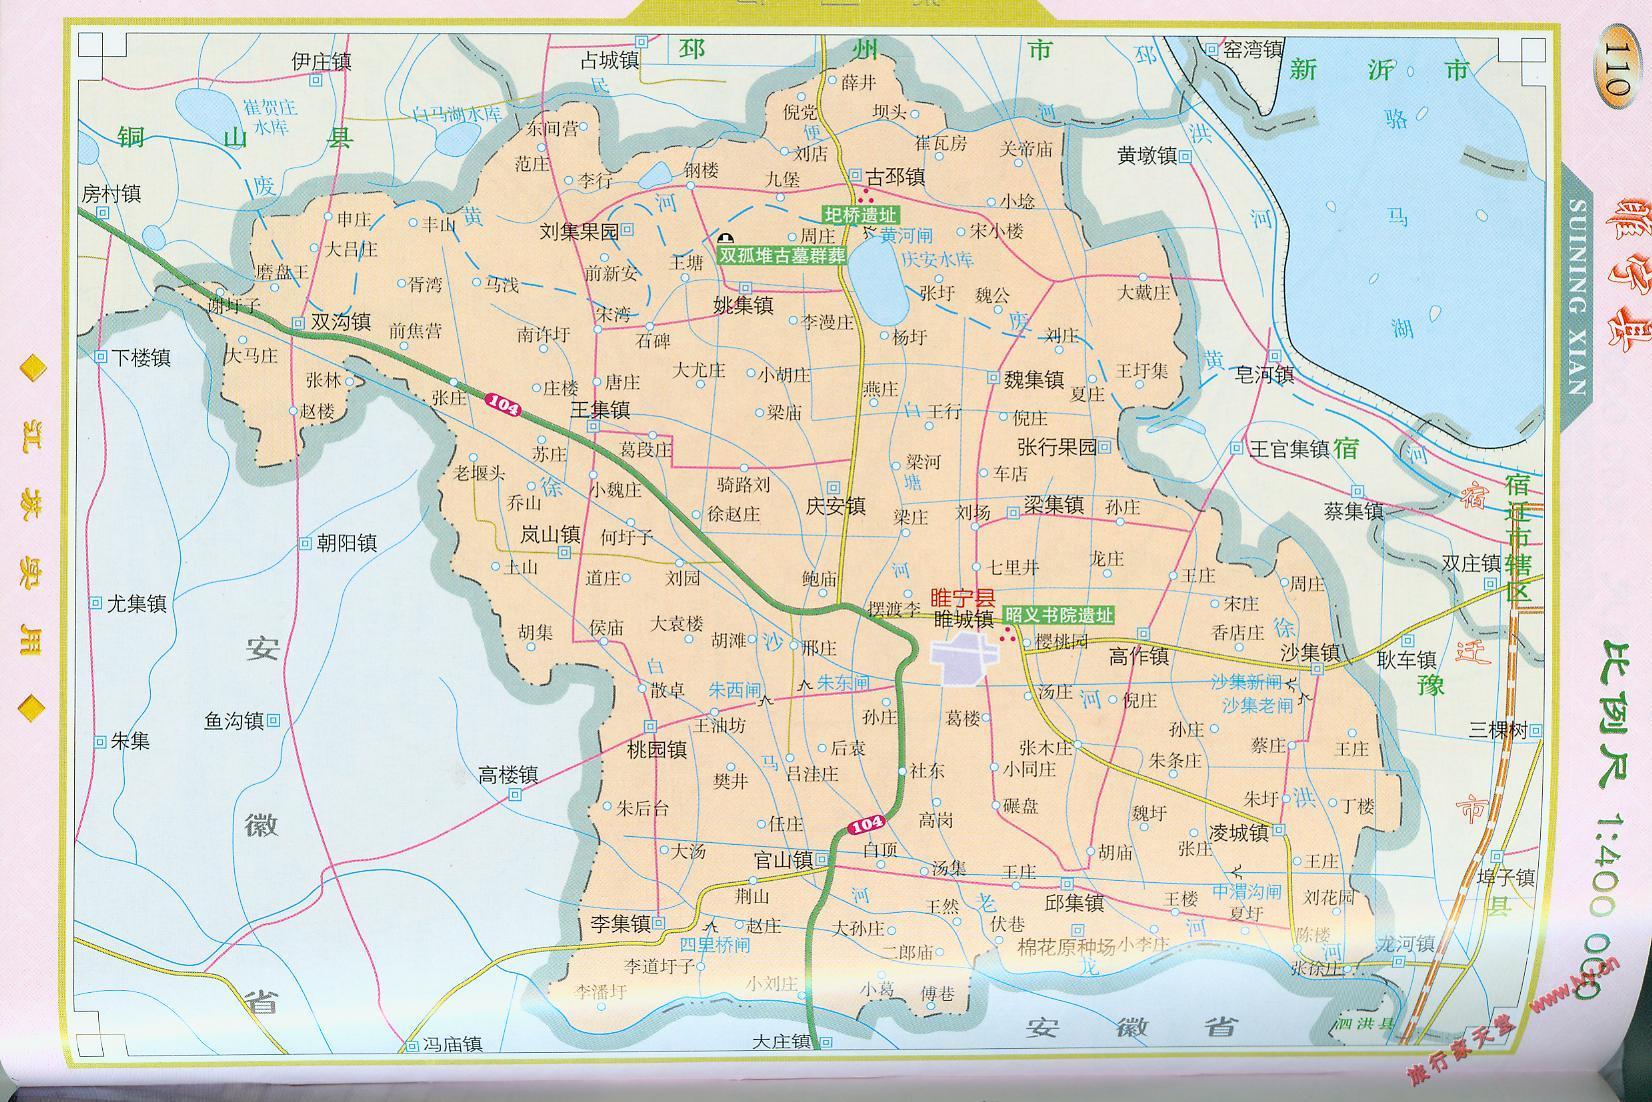 江苏徐州市地图高清版_江苏徐州交通地图高清版大图